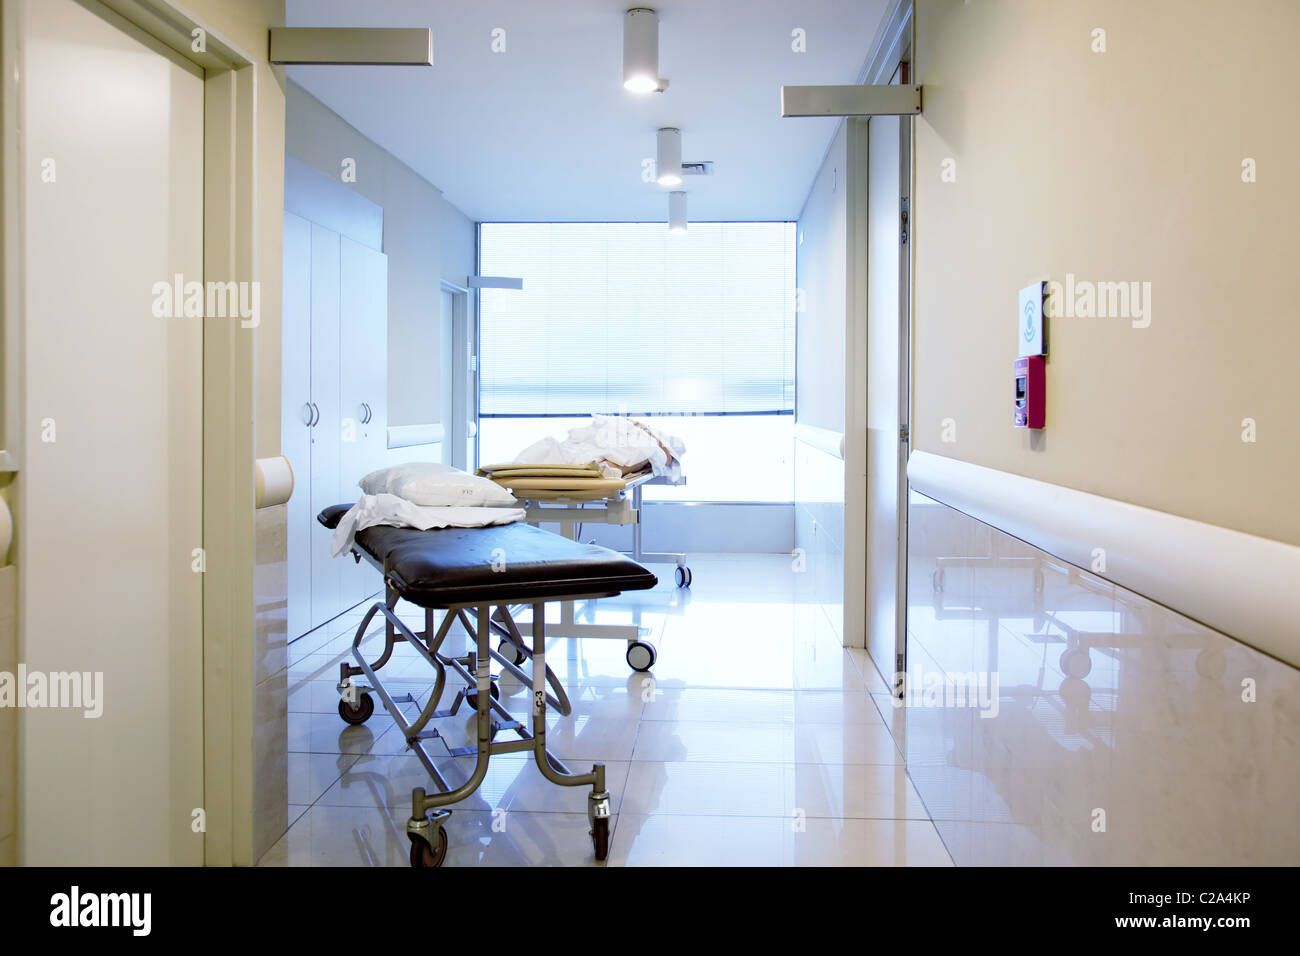 Un intérieur d'un couloir de l'hôpital avec un couple des civières Photo Stock